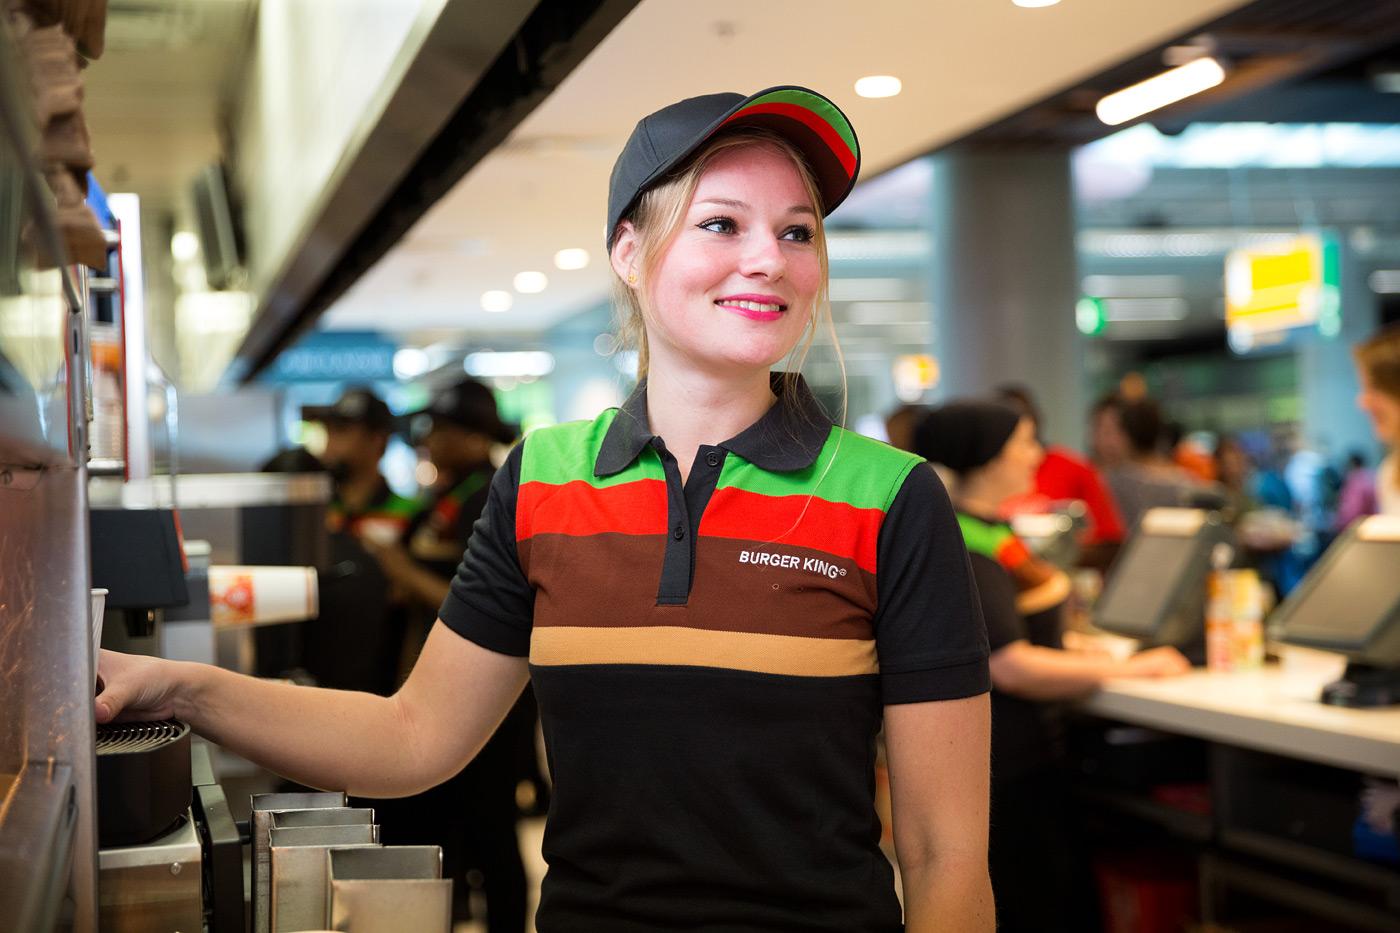 Burger King meisje blond